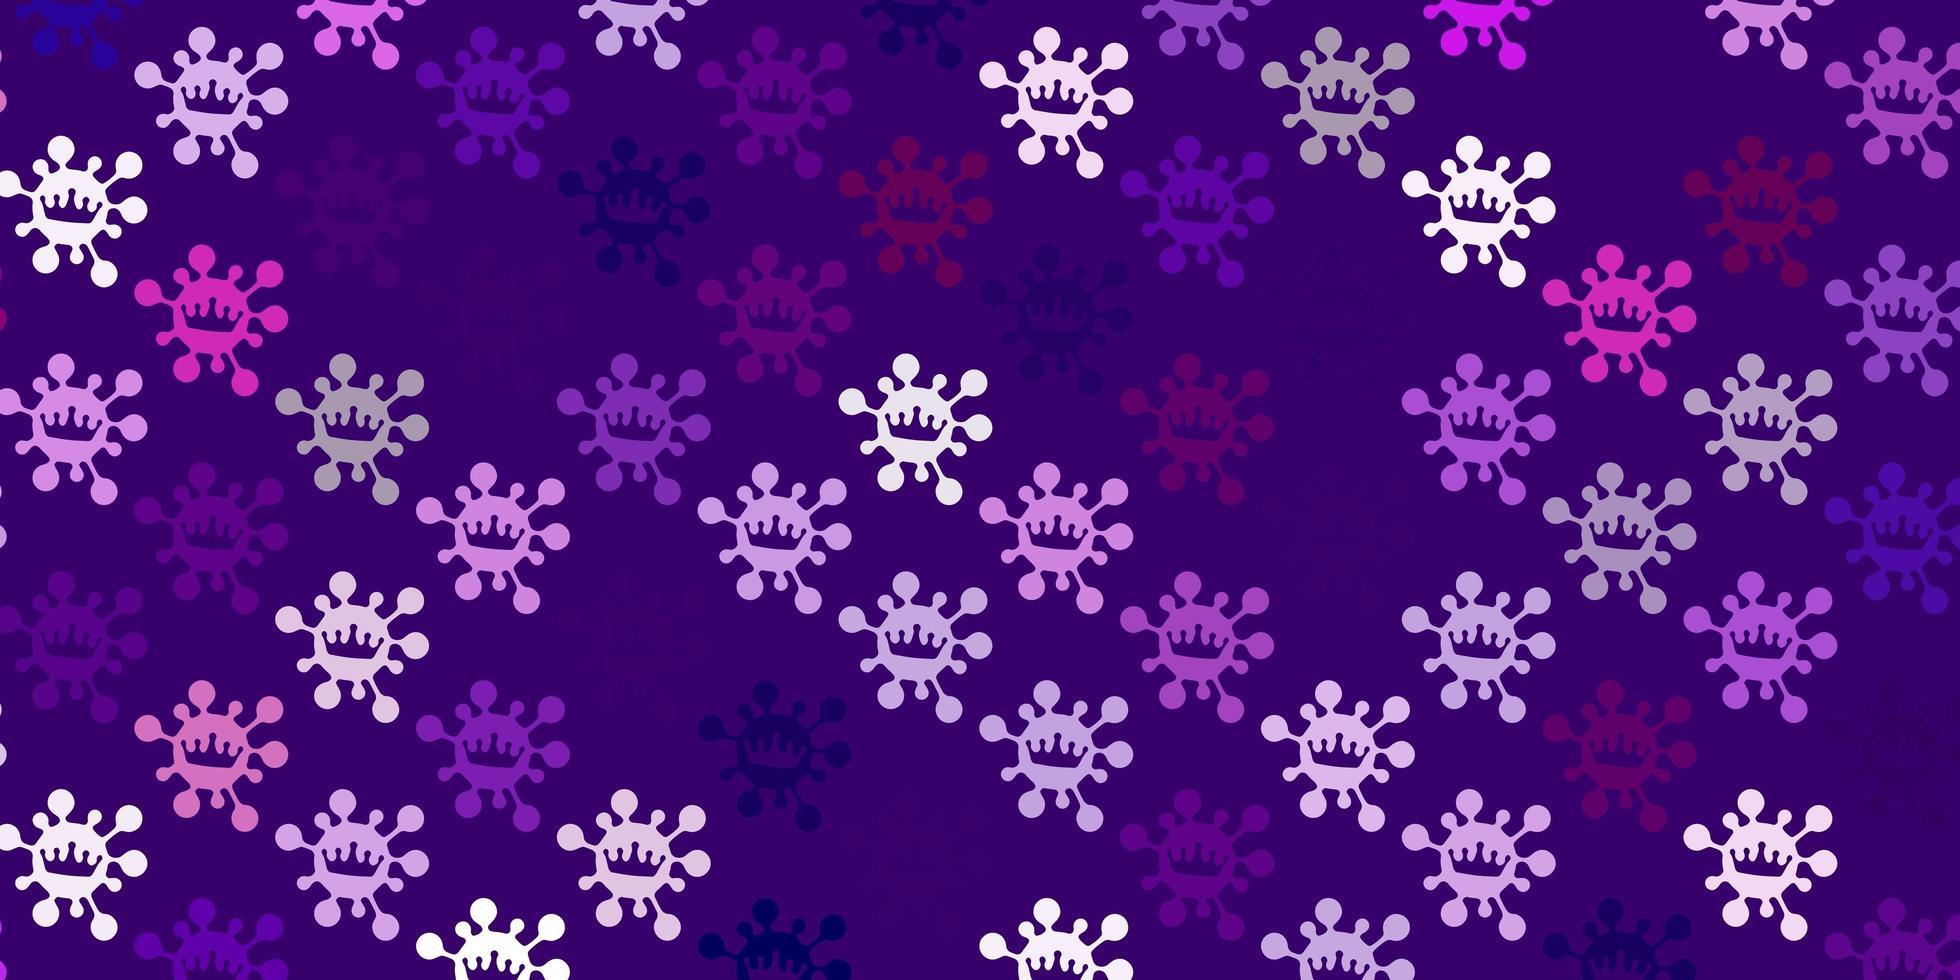 modèle violet avec des signes de grippe. vecteur